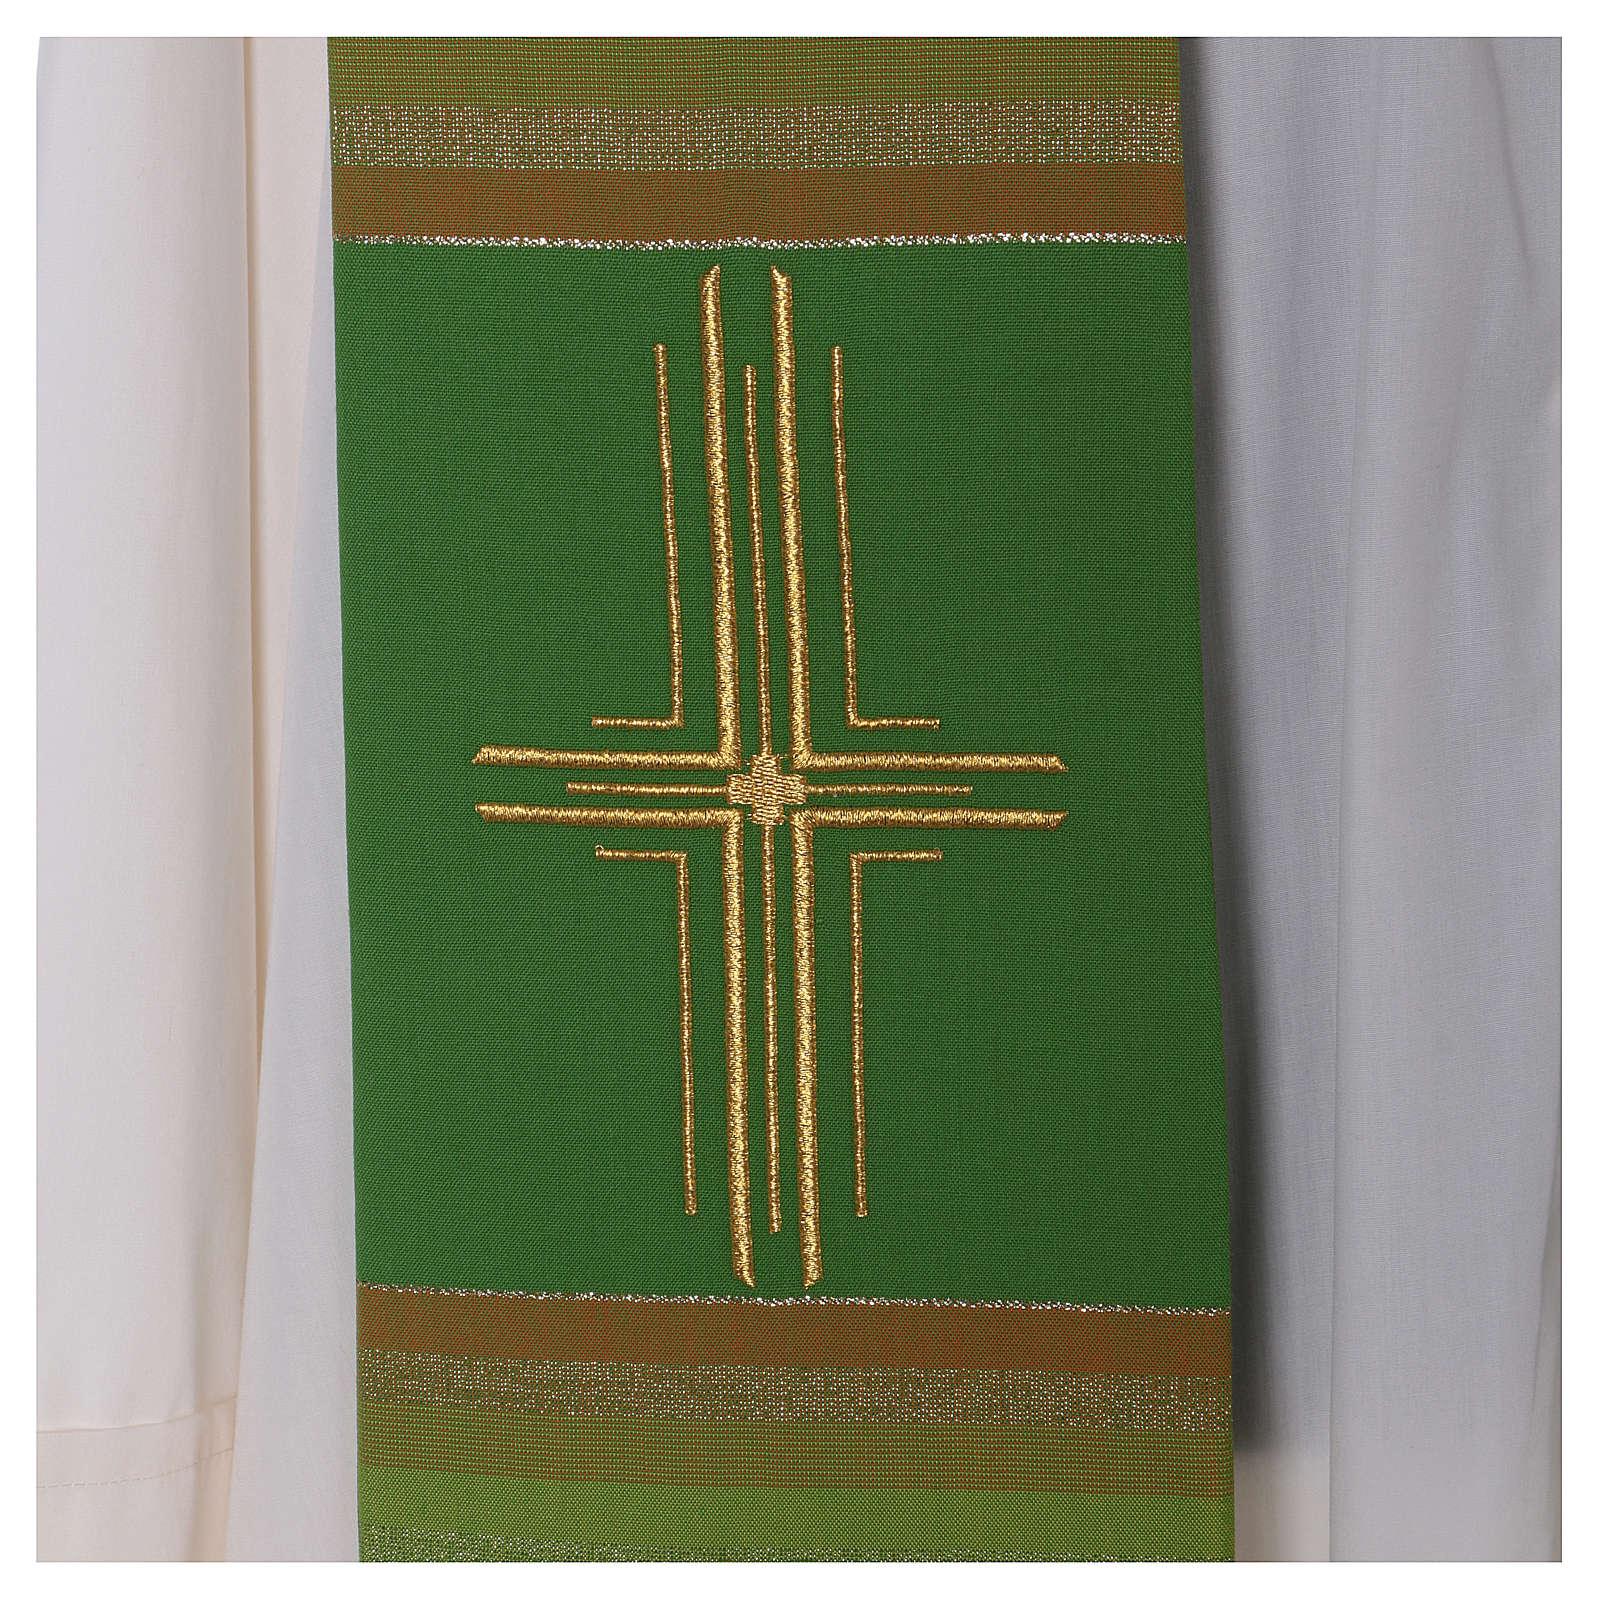 Estola 100% pura lana virgen doble hilo rayas cura estilizada 4